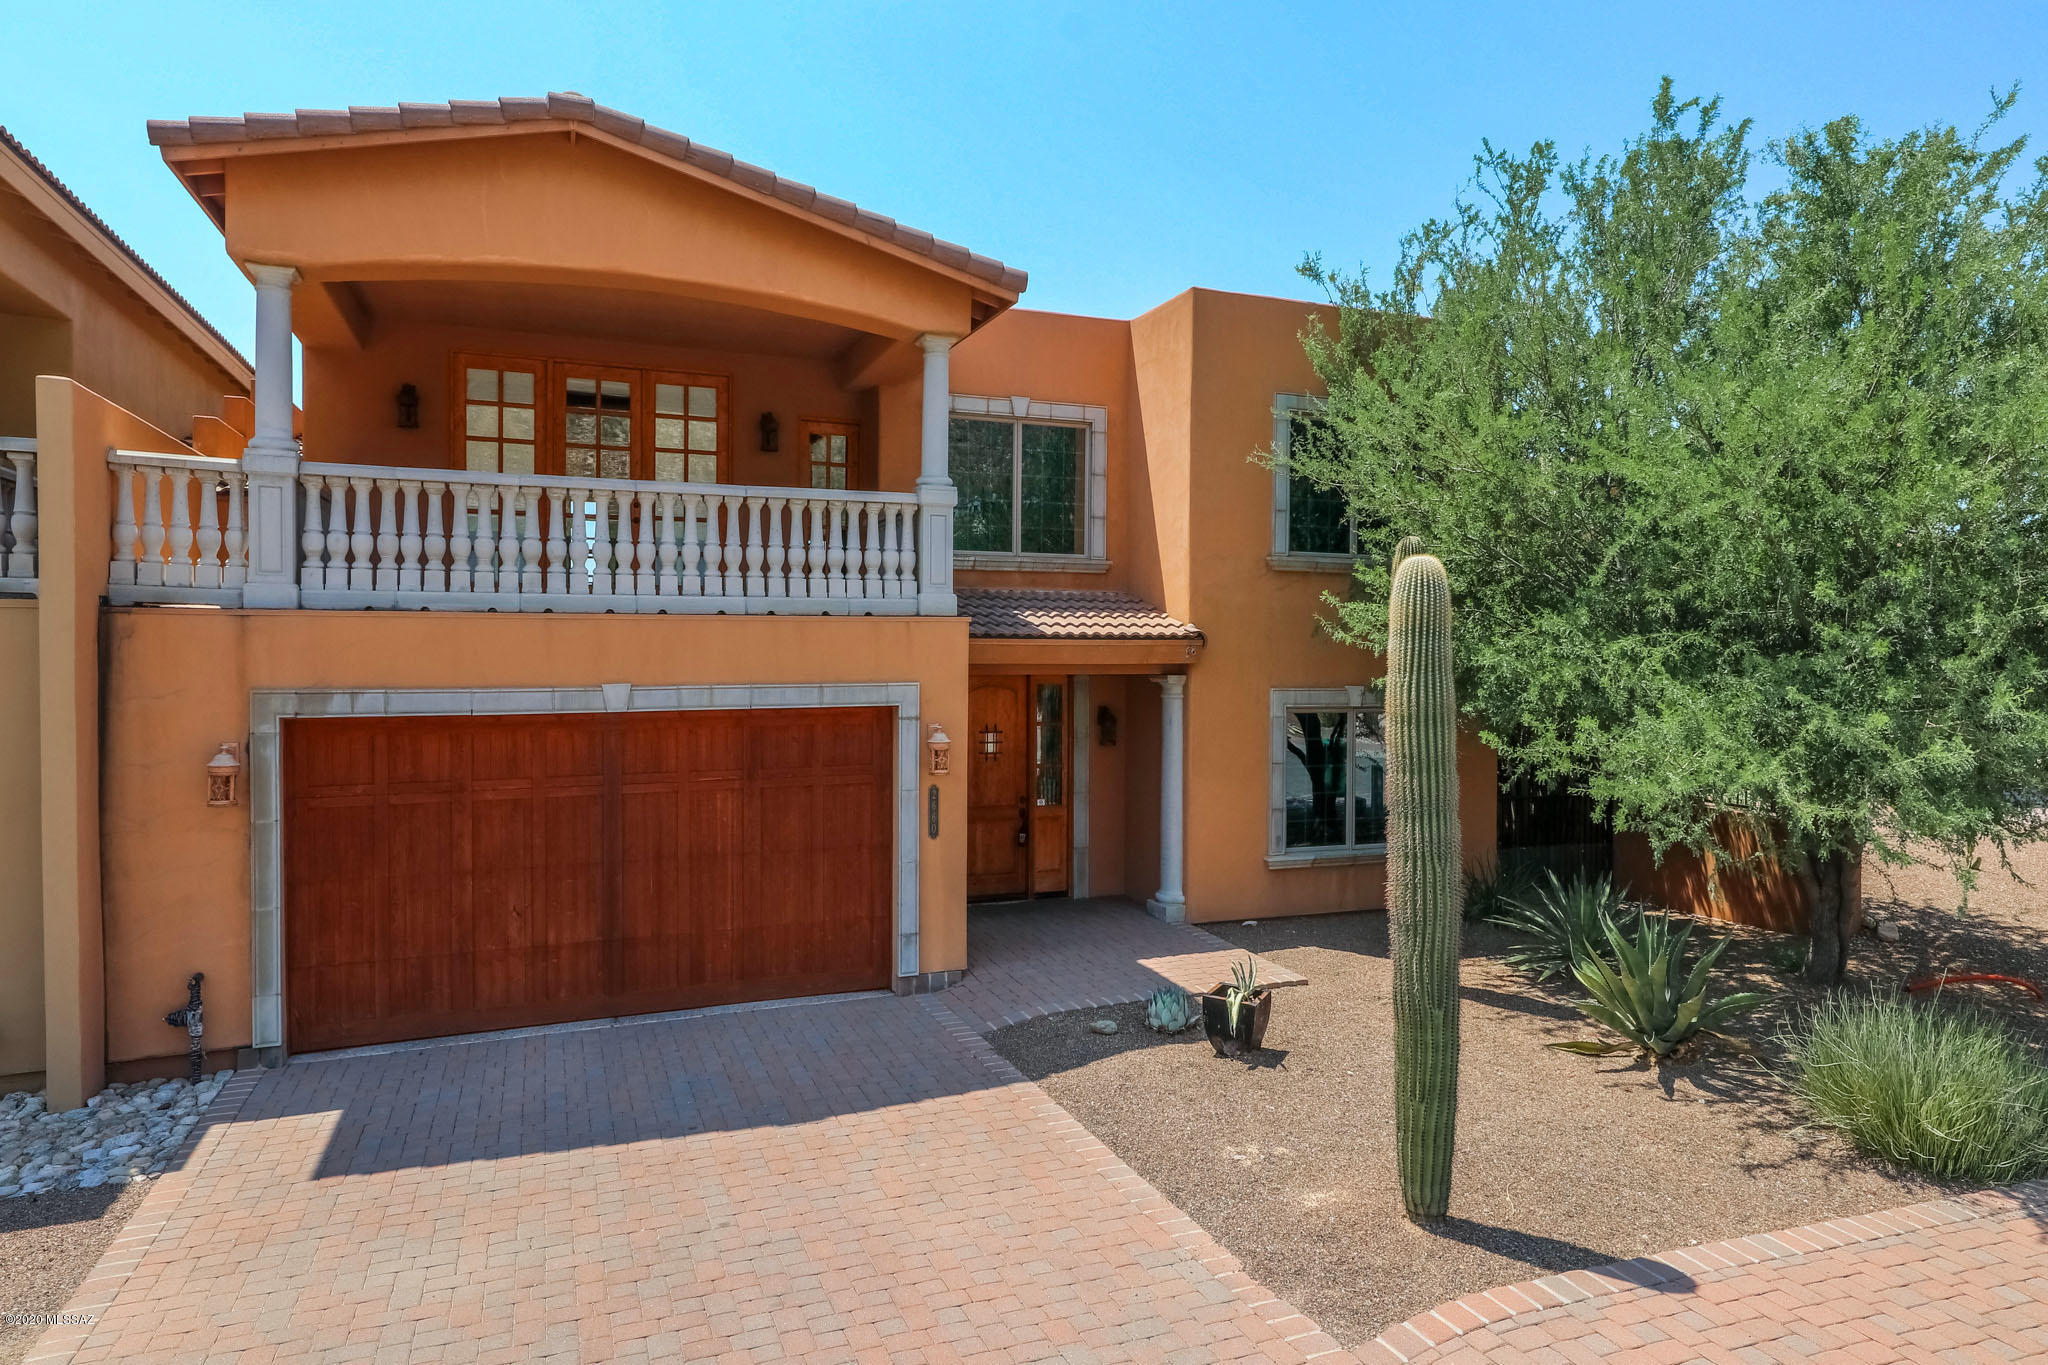 Photo of 2660 E Via Corta Dei Fiori, Tucson, AZ 85718